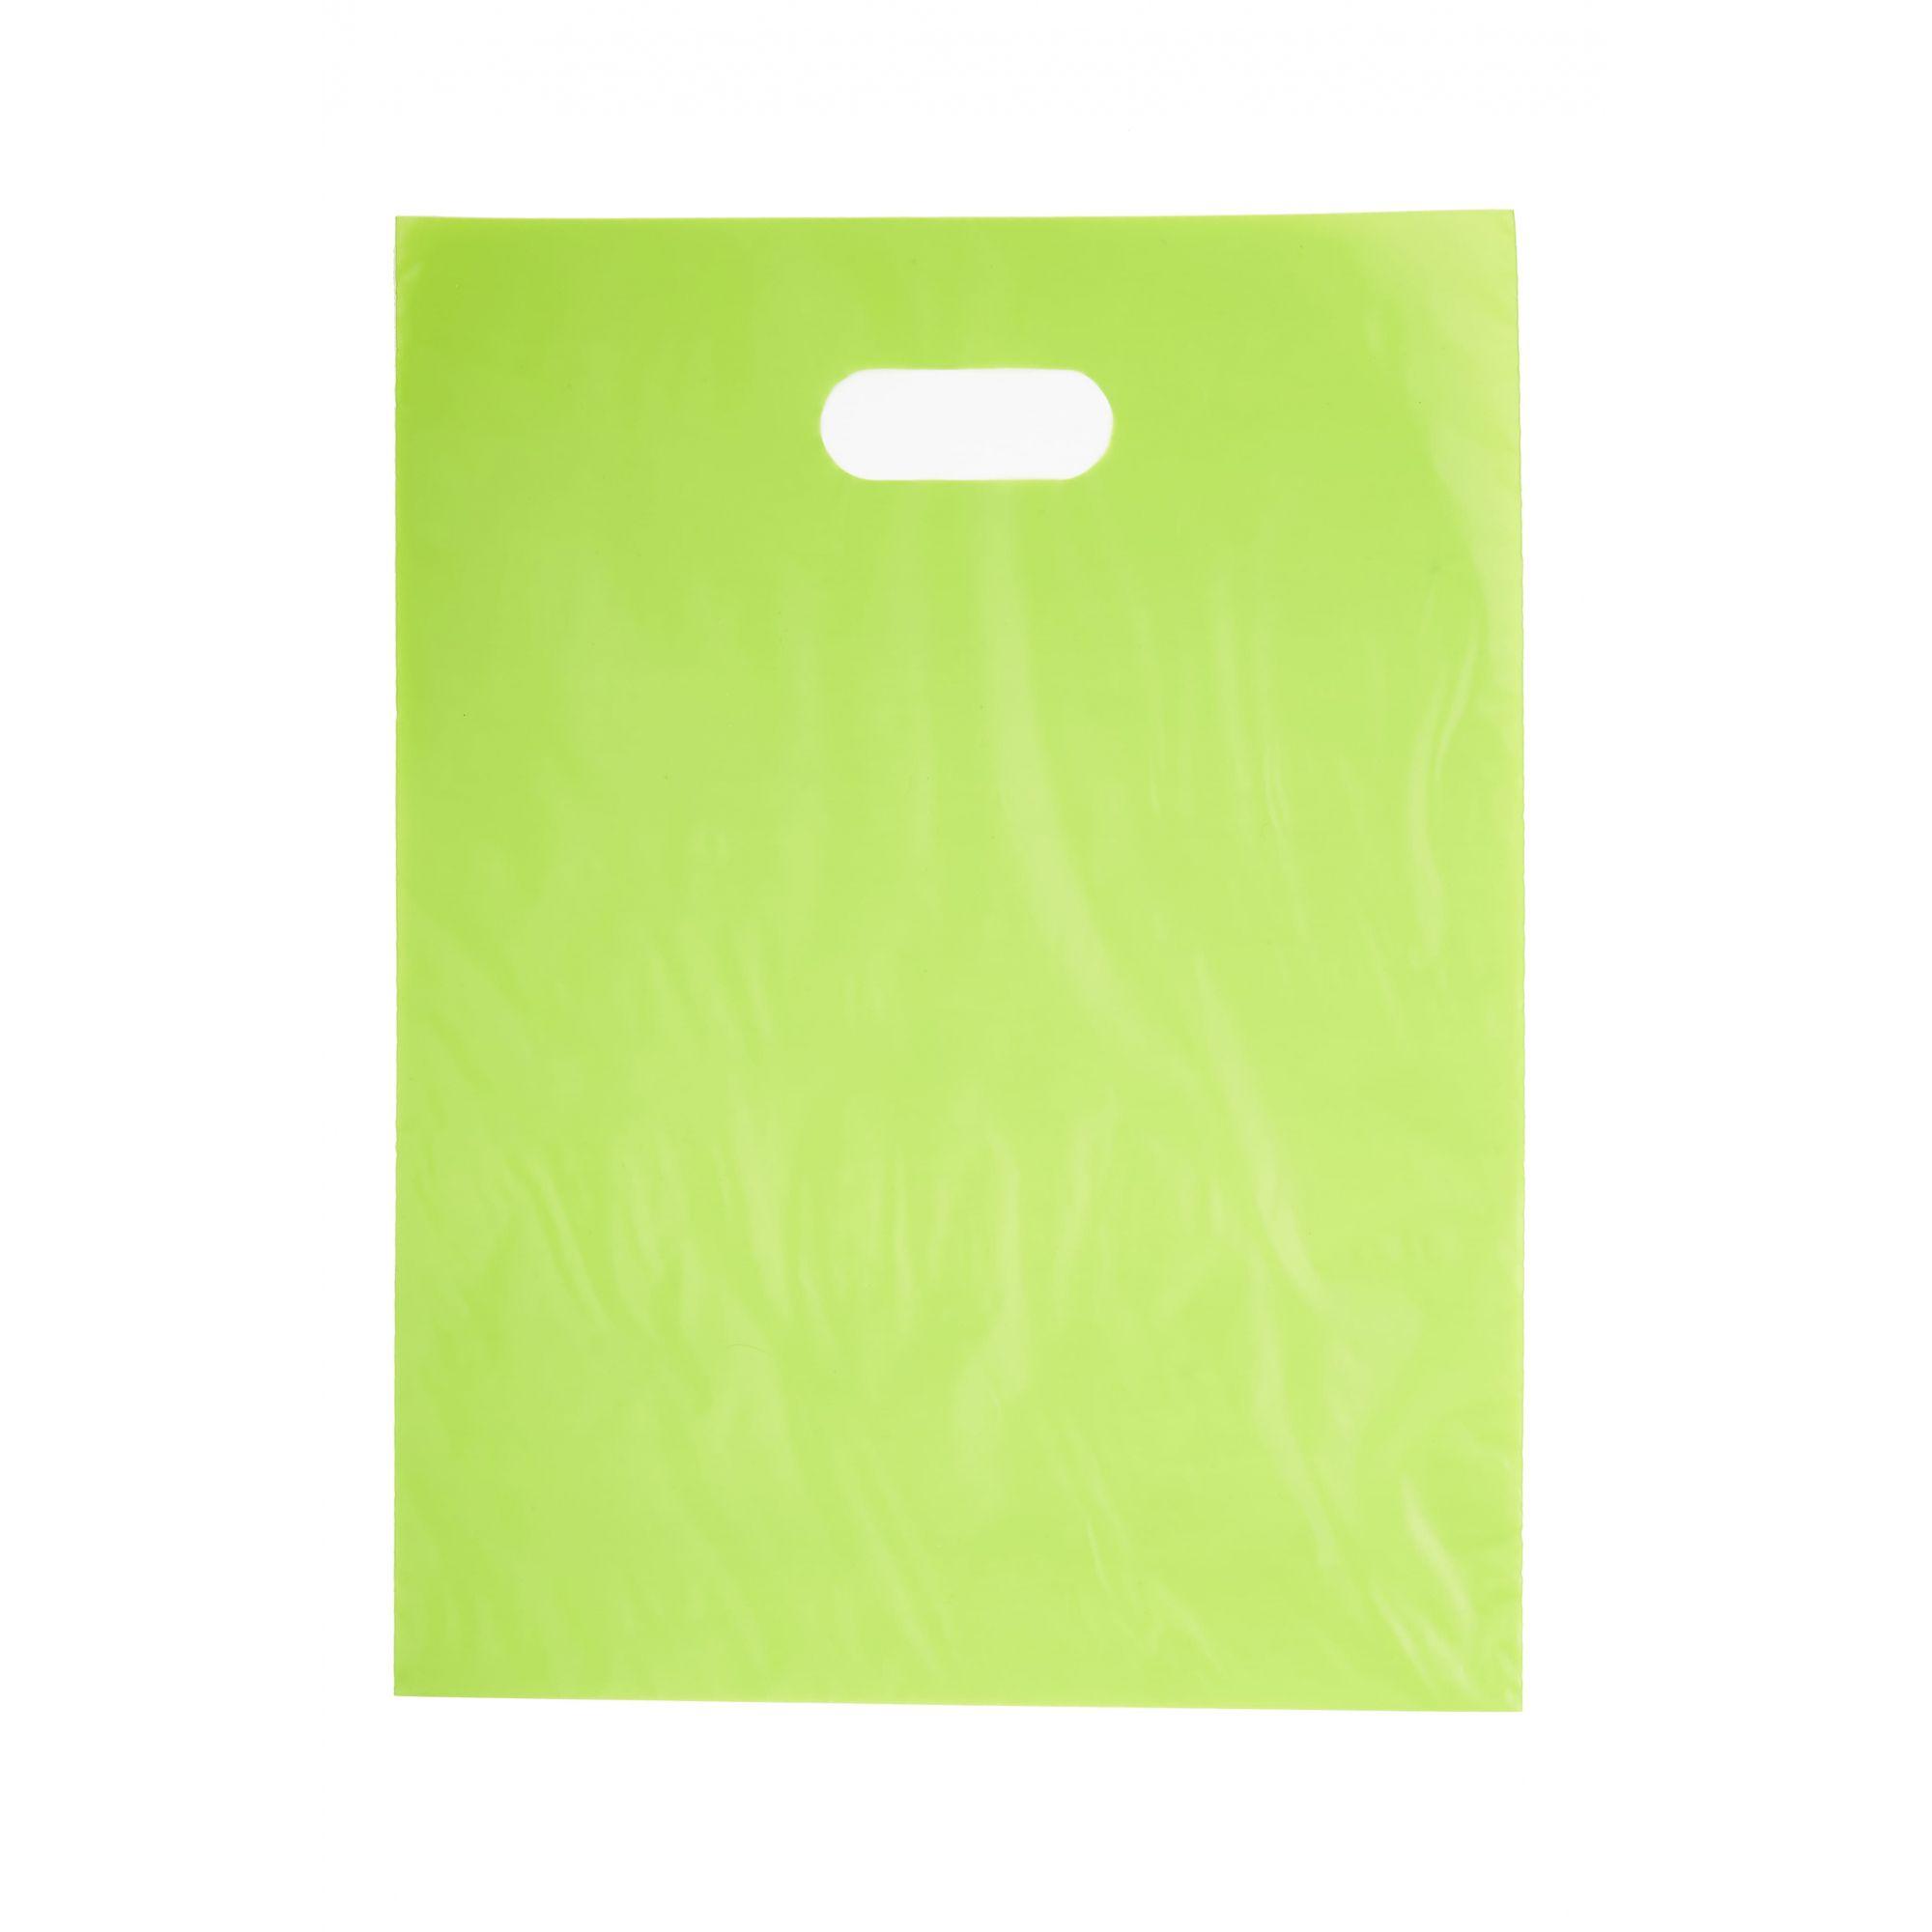 Sacola Plástica 30x40 Verde - Alça Boca de Palhaço